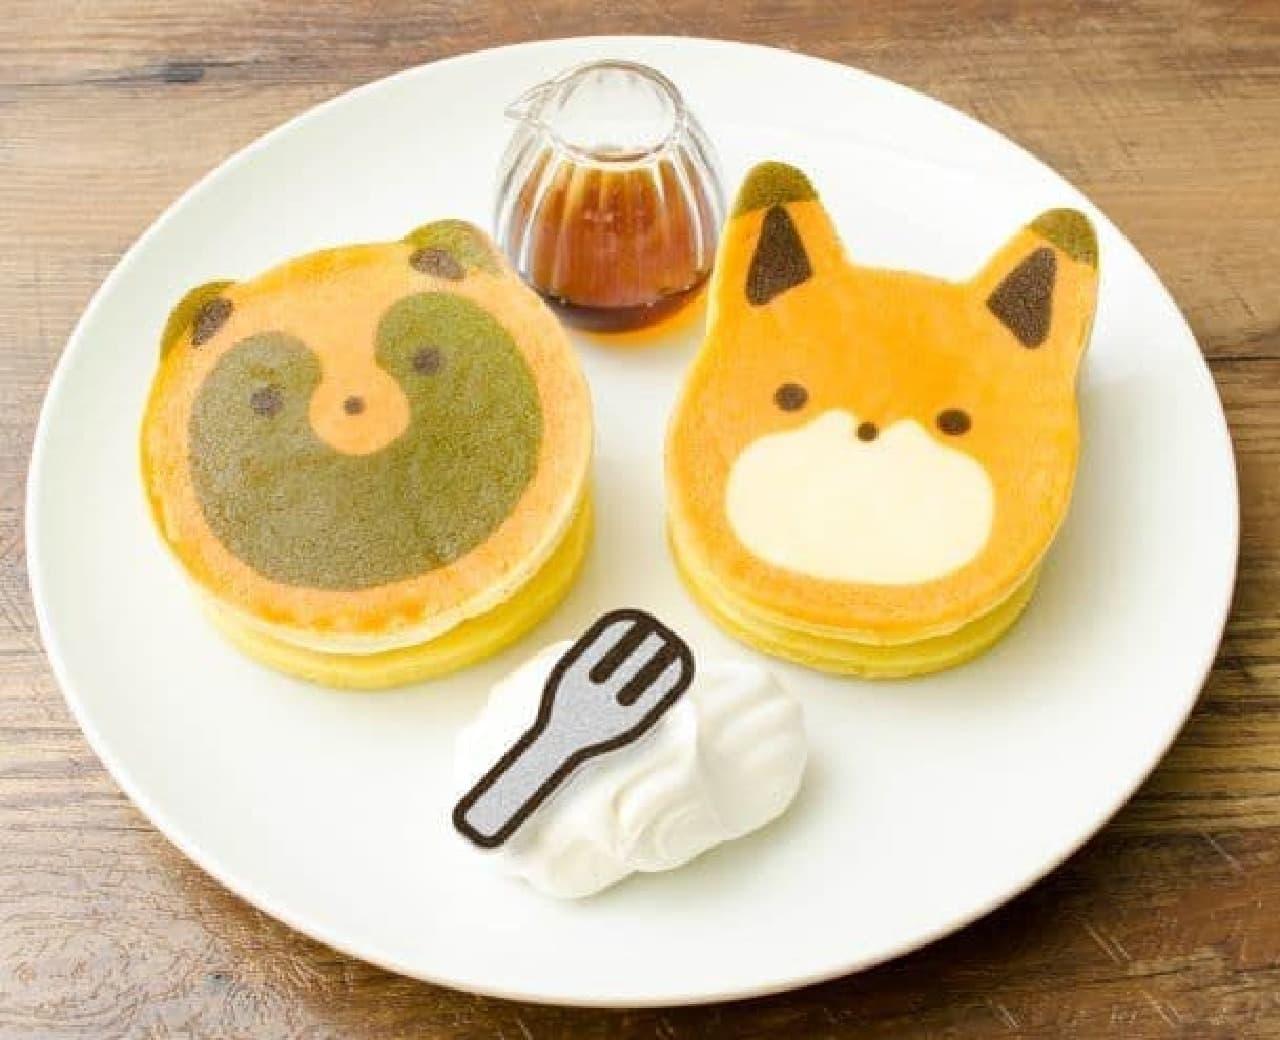 なかよしな二匹のかわいいパンケーキ